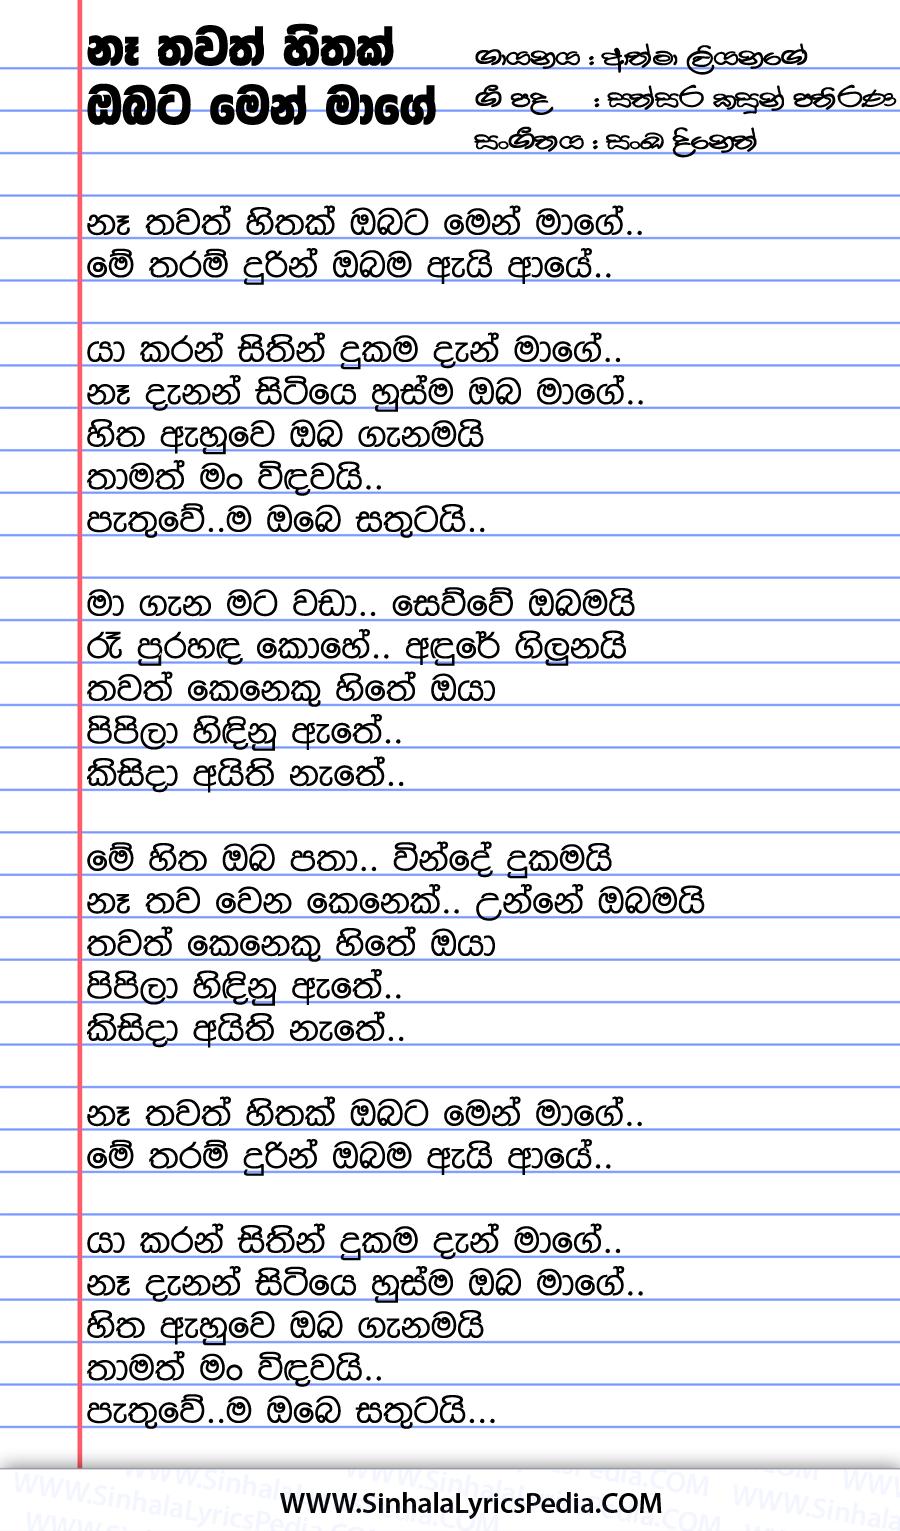 Na Thawath Hithak Song Lyrics